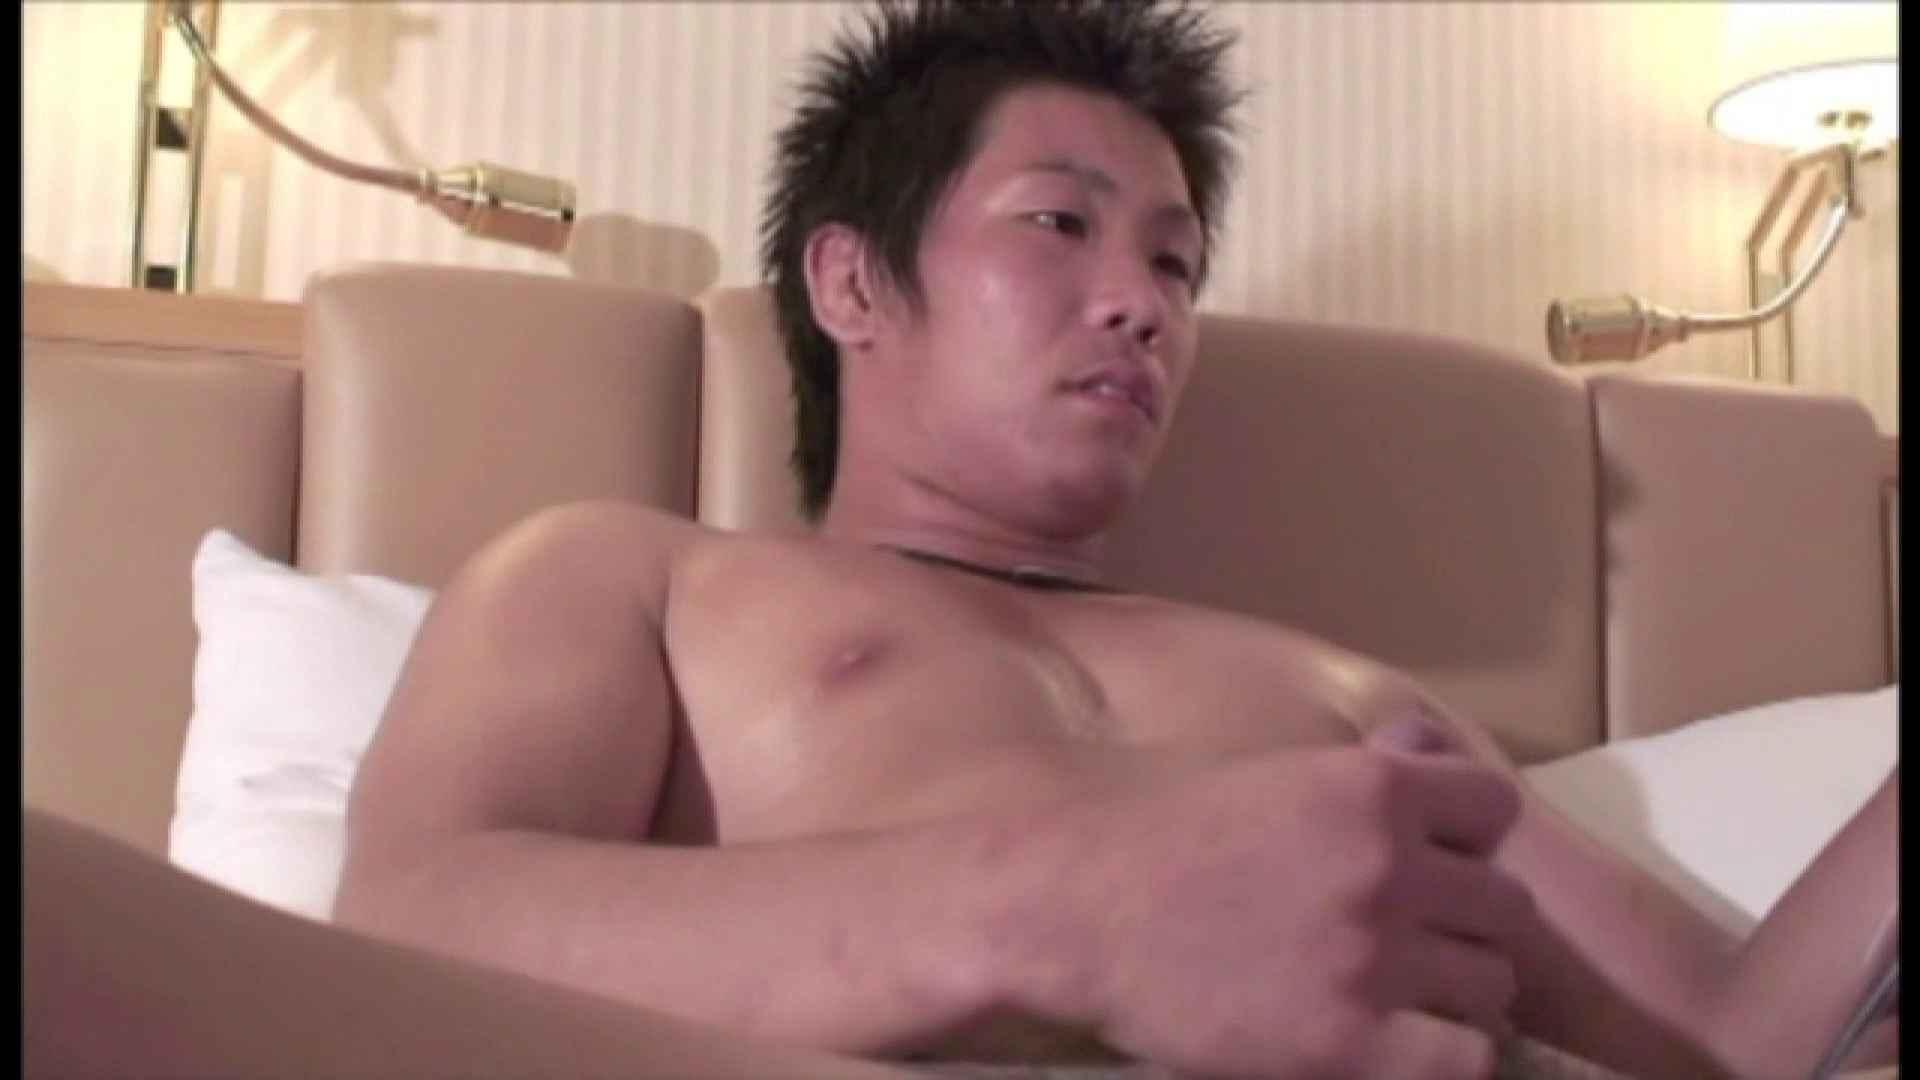 ノンケイケメンの欲望と肉棒 Vol.25 エロ  90pic 86